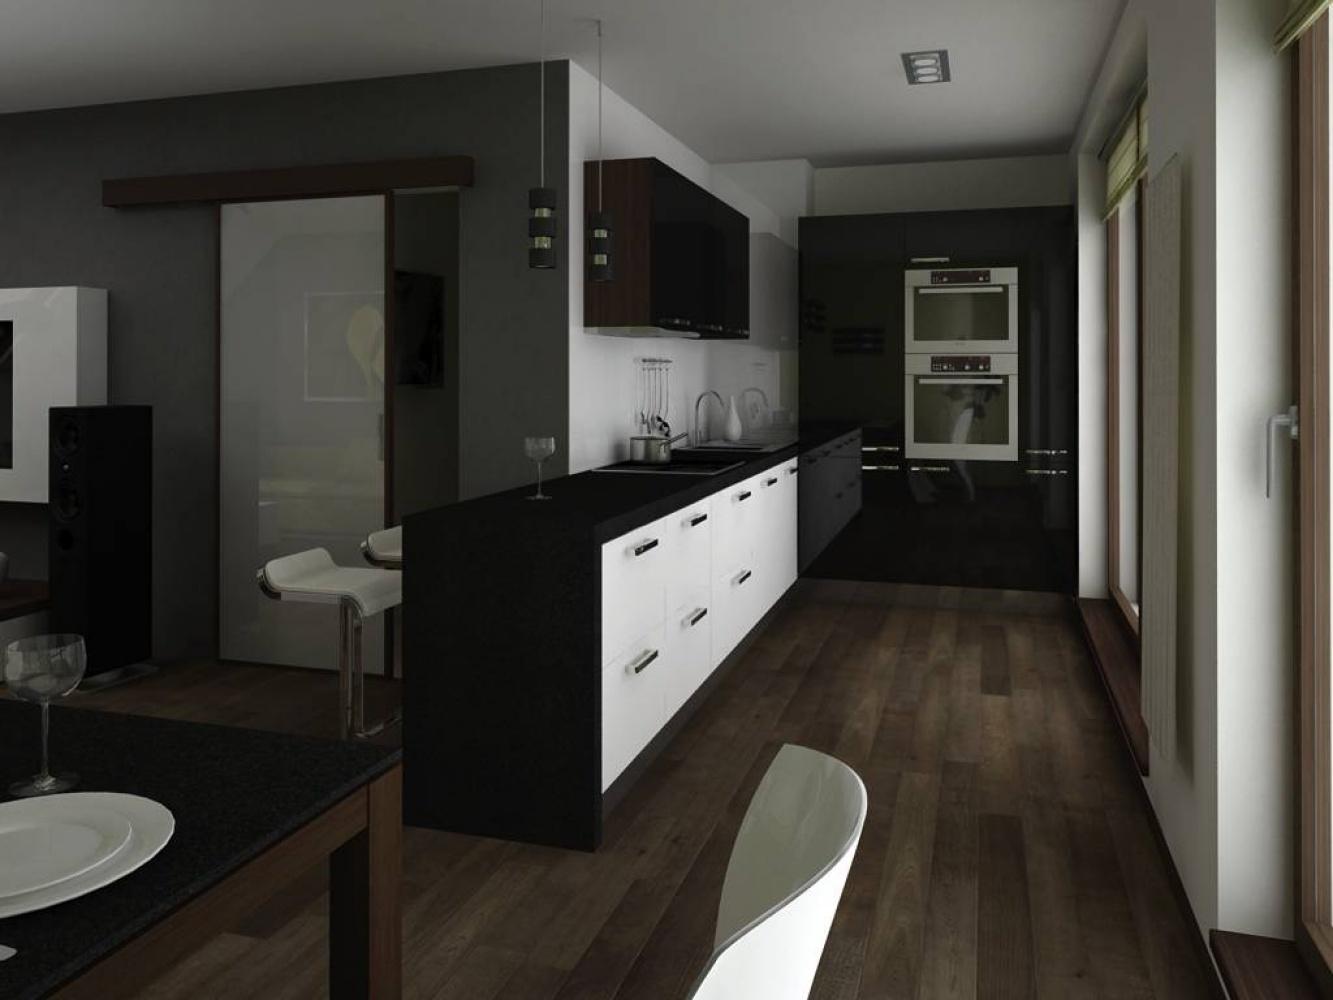 Půdní byt 3+kk, plocha 113 m², ulice Šmilovského, Praha 2 - Vinohrady | 3